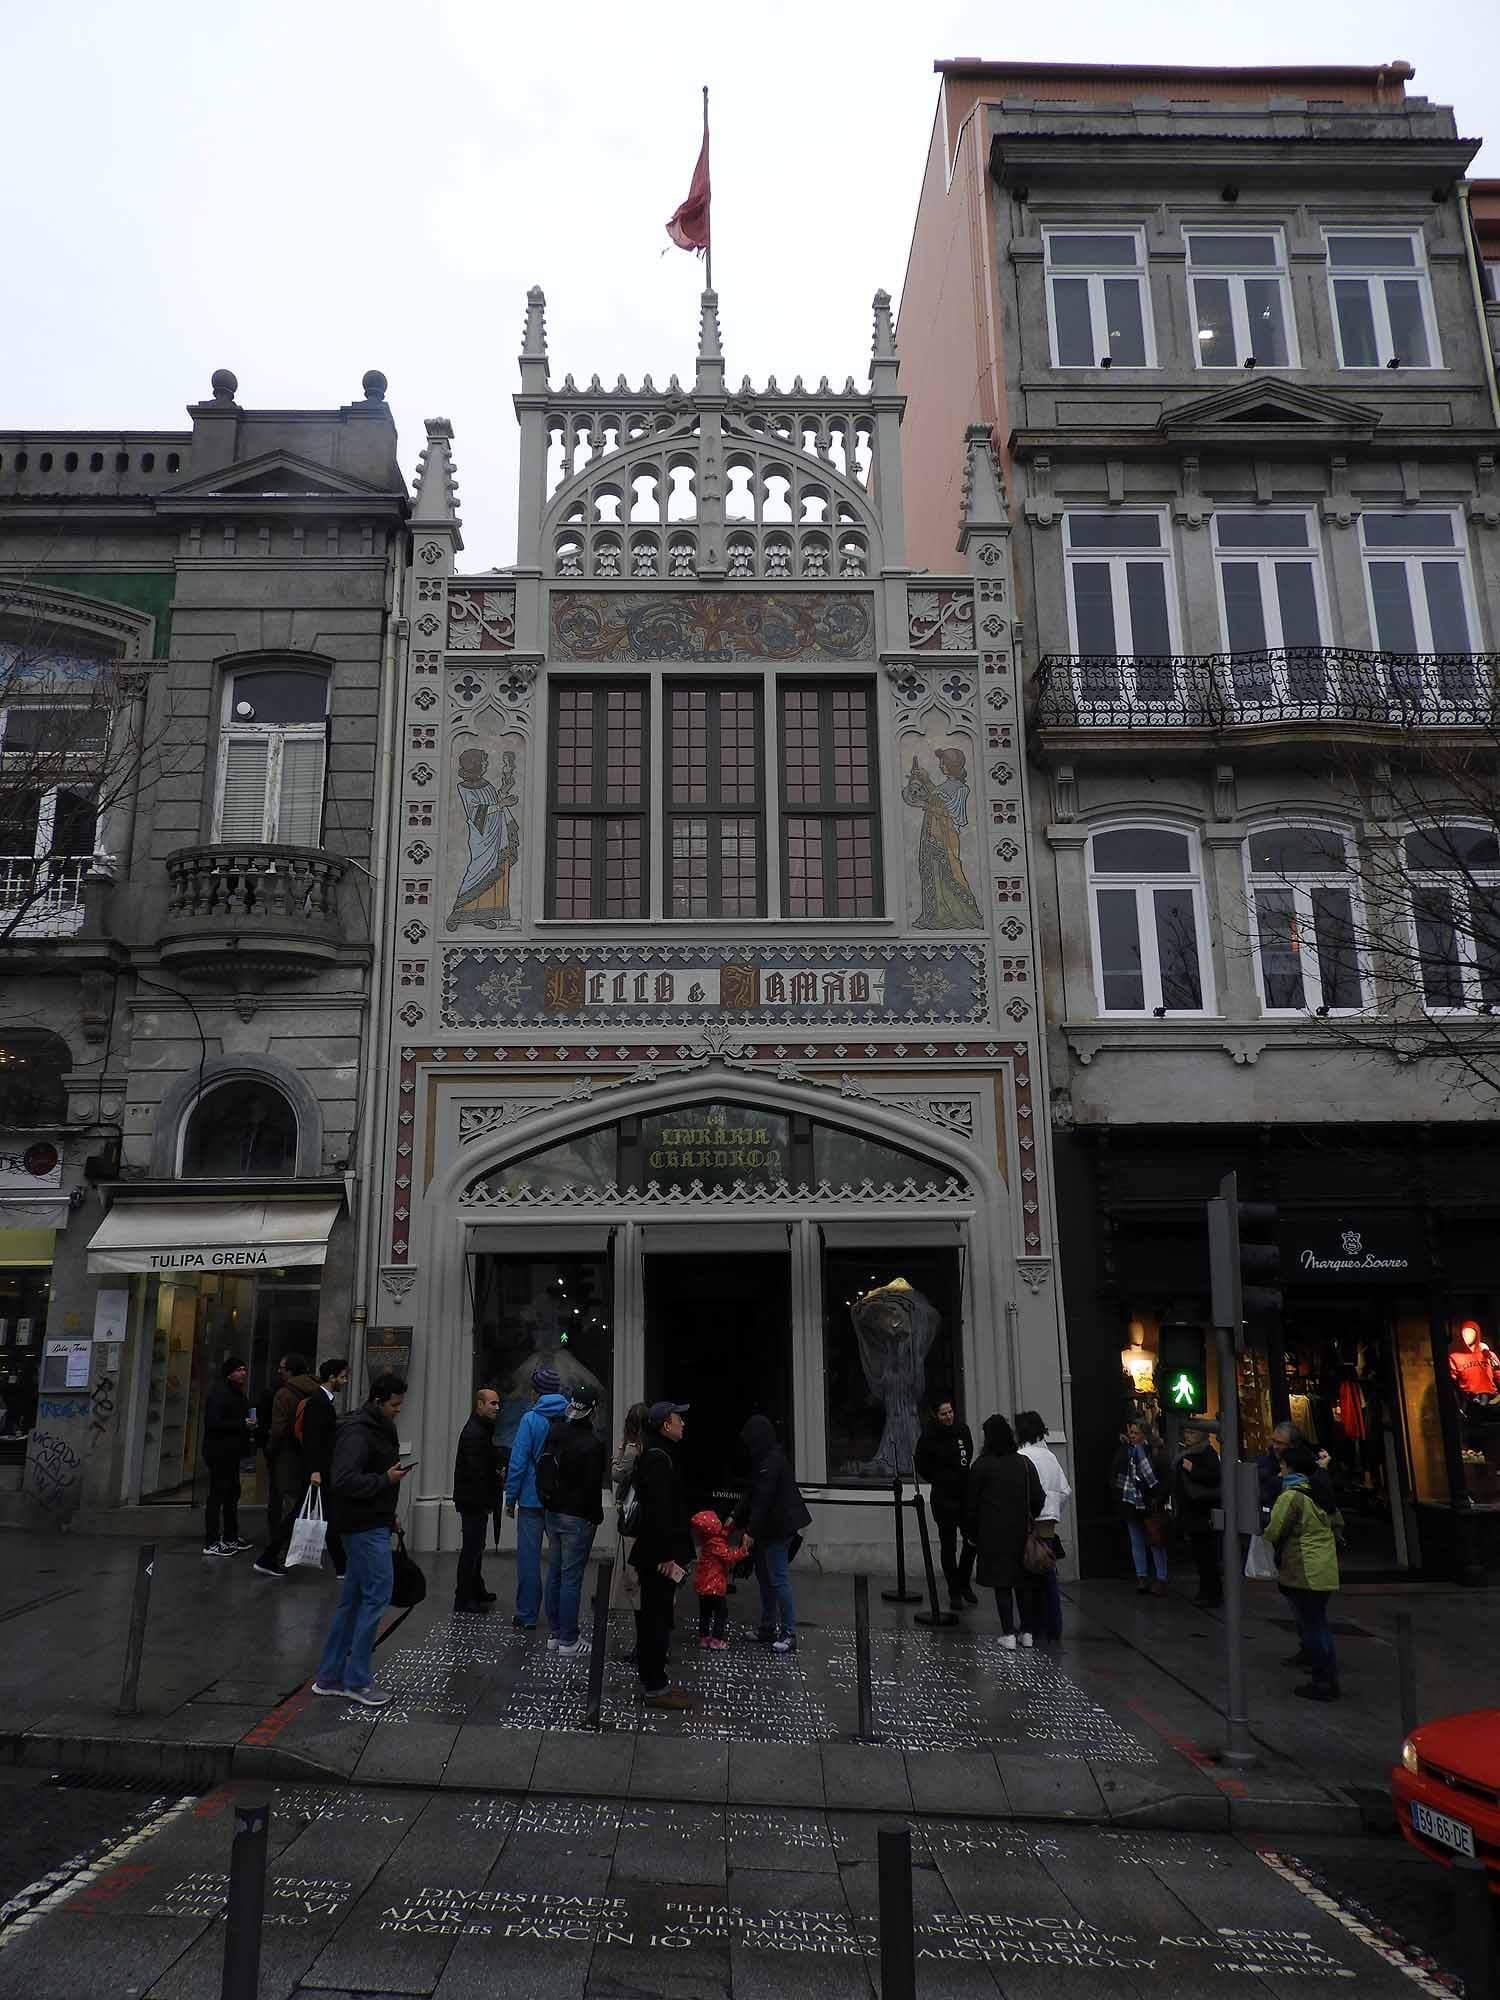 portugal-porto-oporto-livraria-lello-lello-sons-bookstore-jk-rowling-bookstore-exterior.JPG